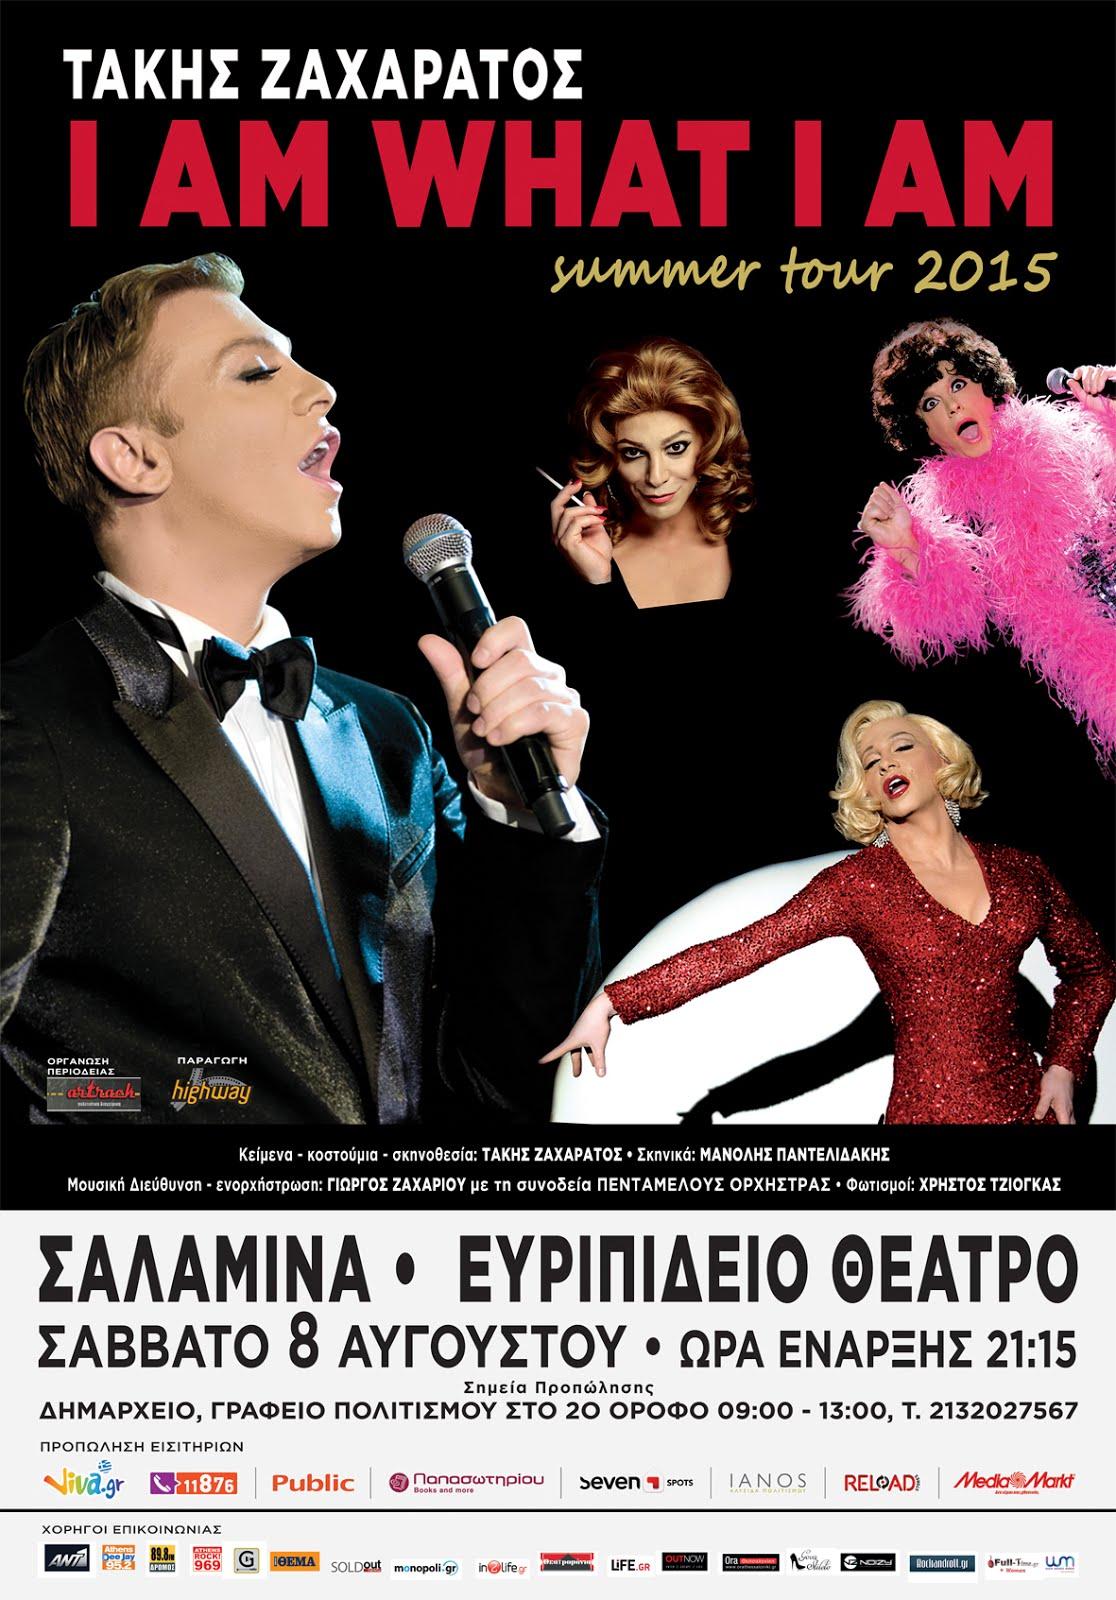 Ο Τάκης Ζαχαράτος στο Ευριπίδειο Θέατρο Σαλαμίνας - Κερδίστε Προσκλήσεις!!!